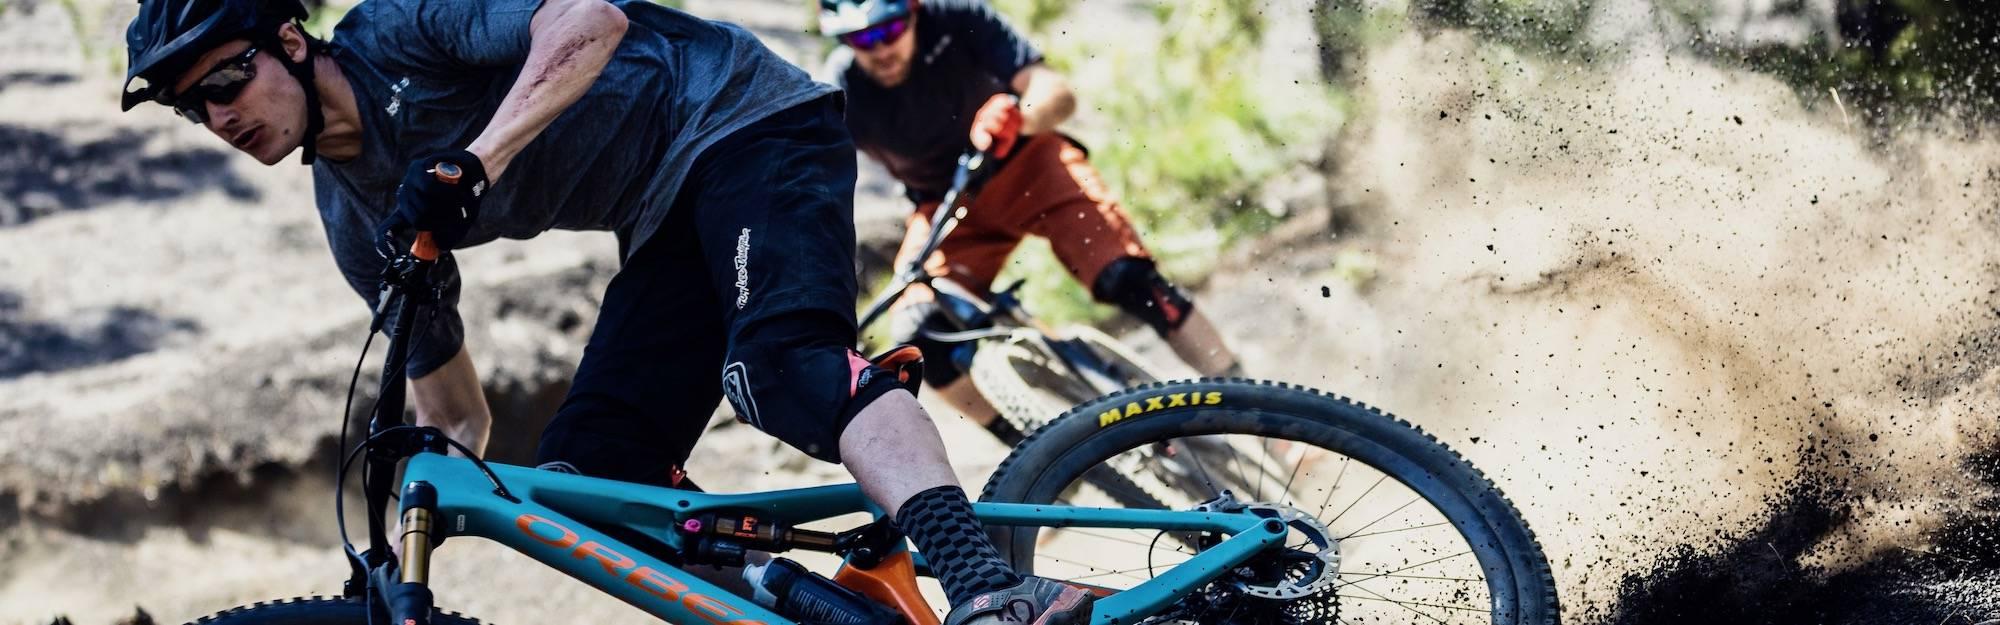 Riding on Orbea mountain bikes.